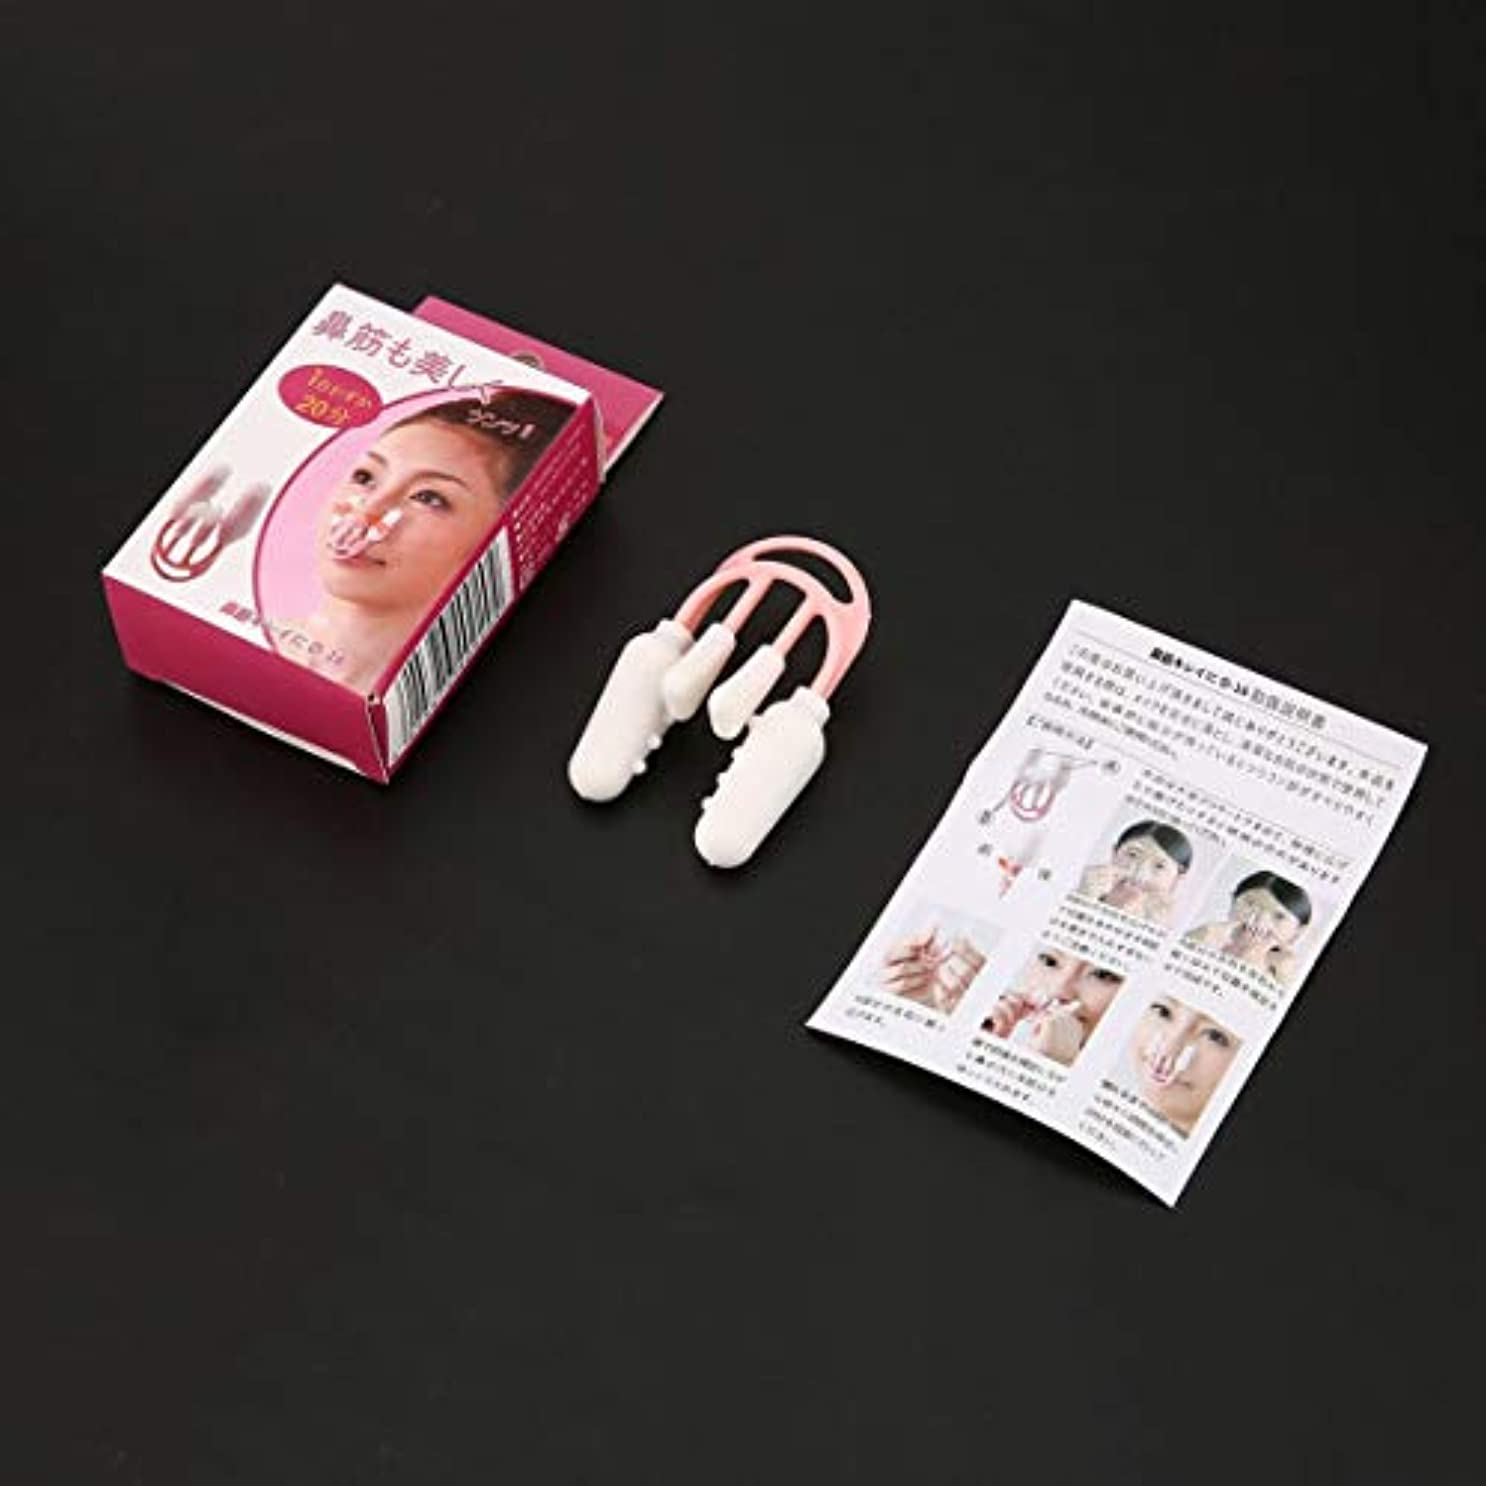 ジョージエリオット昨日有料ノーズアップリフティングシェイピングシェイパークリップノーズクリッパーブリッジ矯正鼻コレクター鼻マッサージャーメイクアップ美容ツール - ホワイト&ピンク